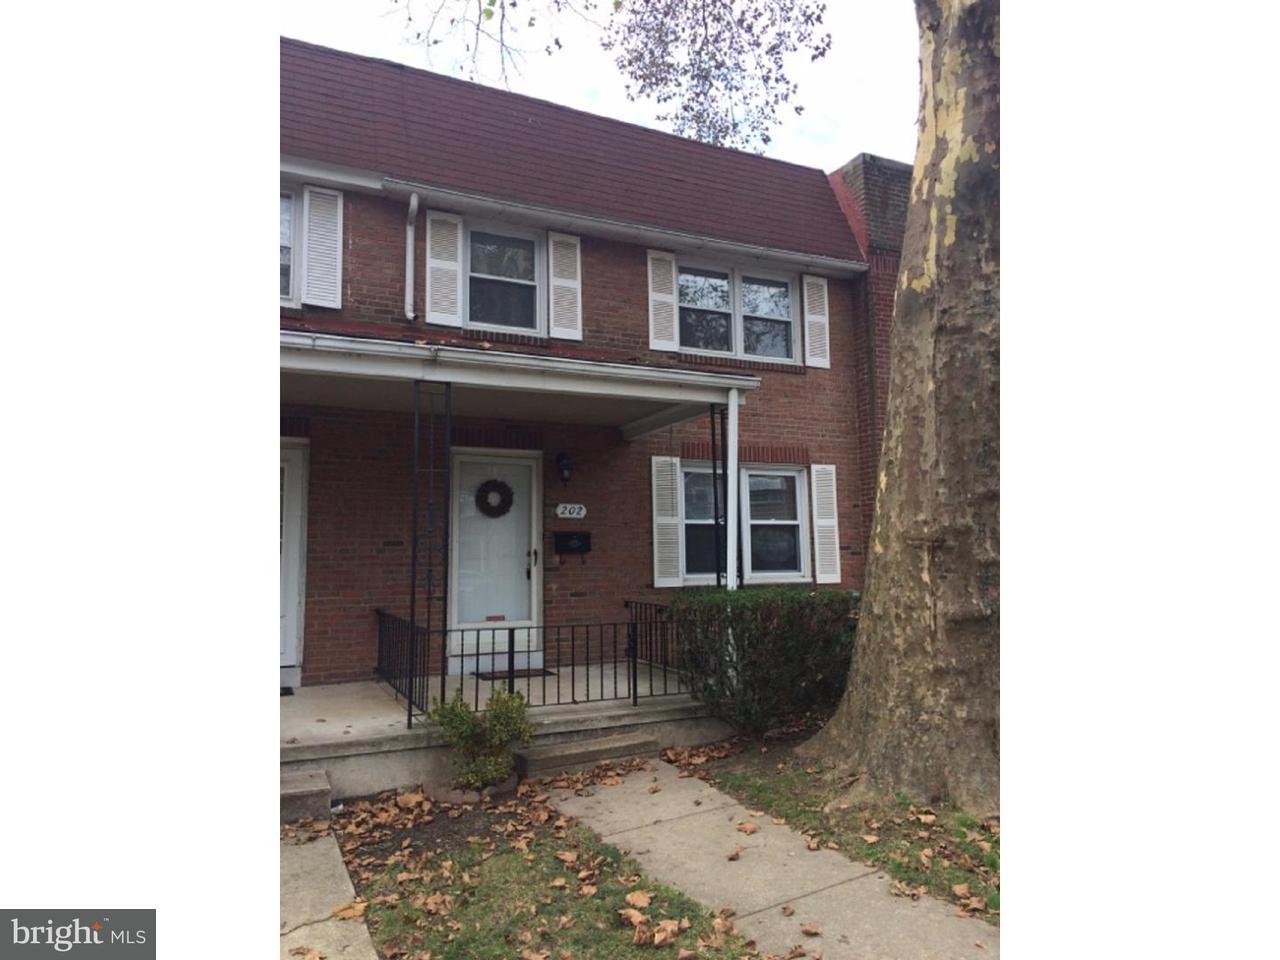 Casa unifamiliar adosada (Townhouse) por un Venta en 202 SYCAMORE Road West Reading, Pennsylvania 19611 Estados Unidos